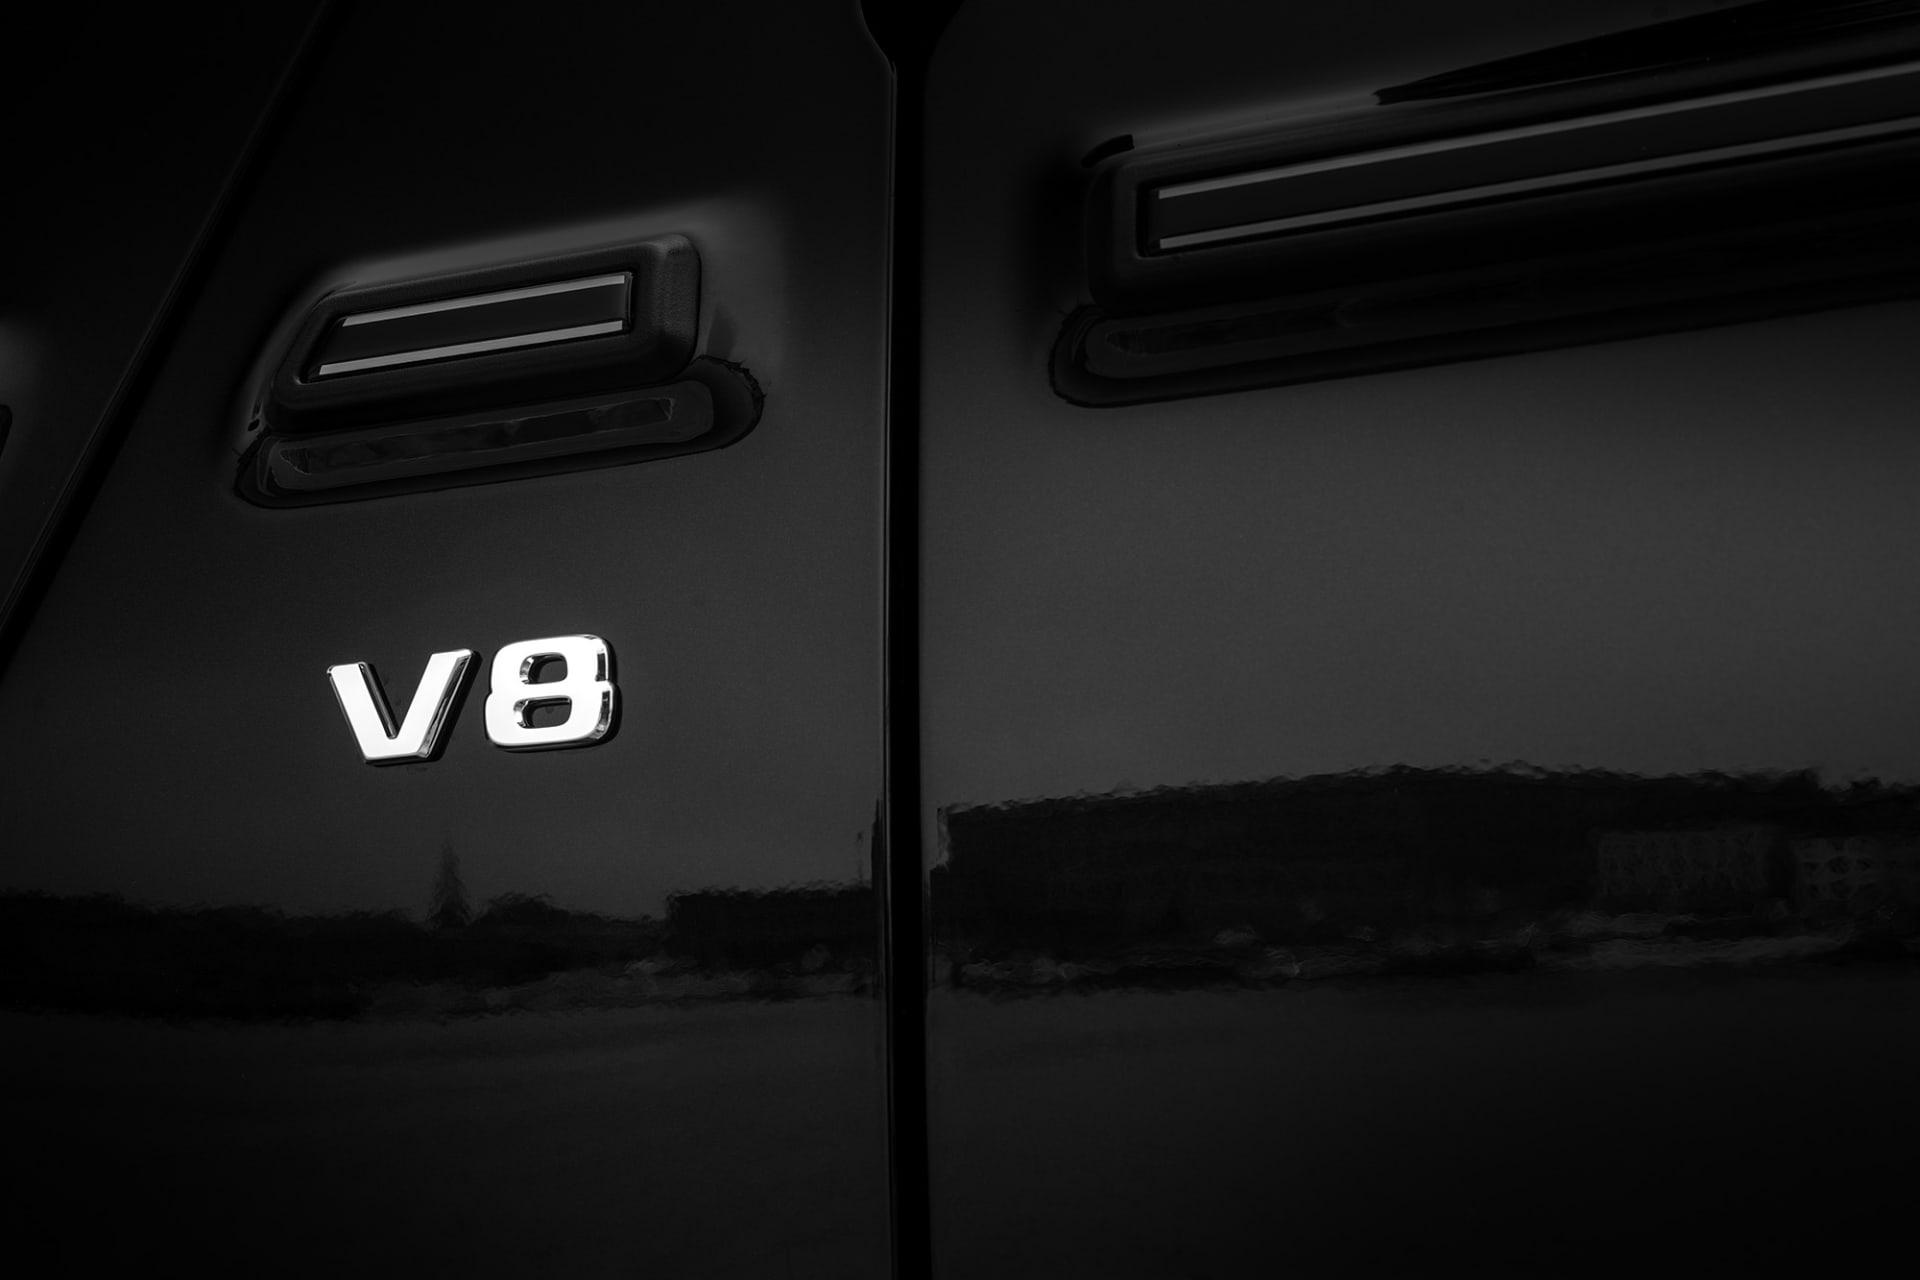 V8 motorn på fyra liter och dubbelturbo är en sann juvel, 422 hästar och 610 Newton i vrid. Detta räcker gott och väl och får aldrig G500 att kännas annat än pigg och allert.